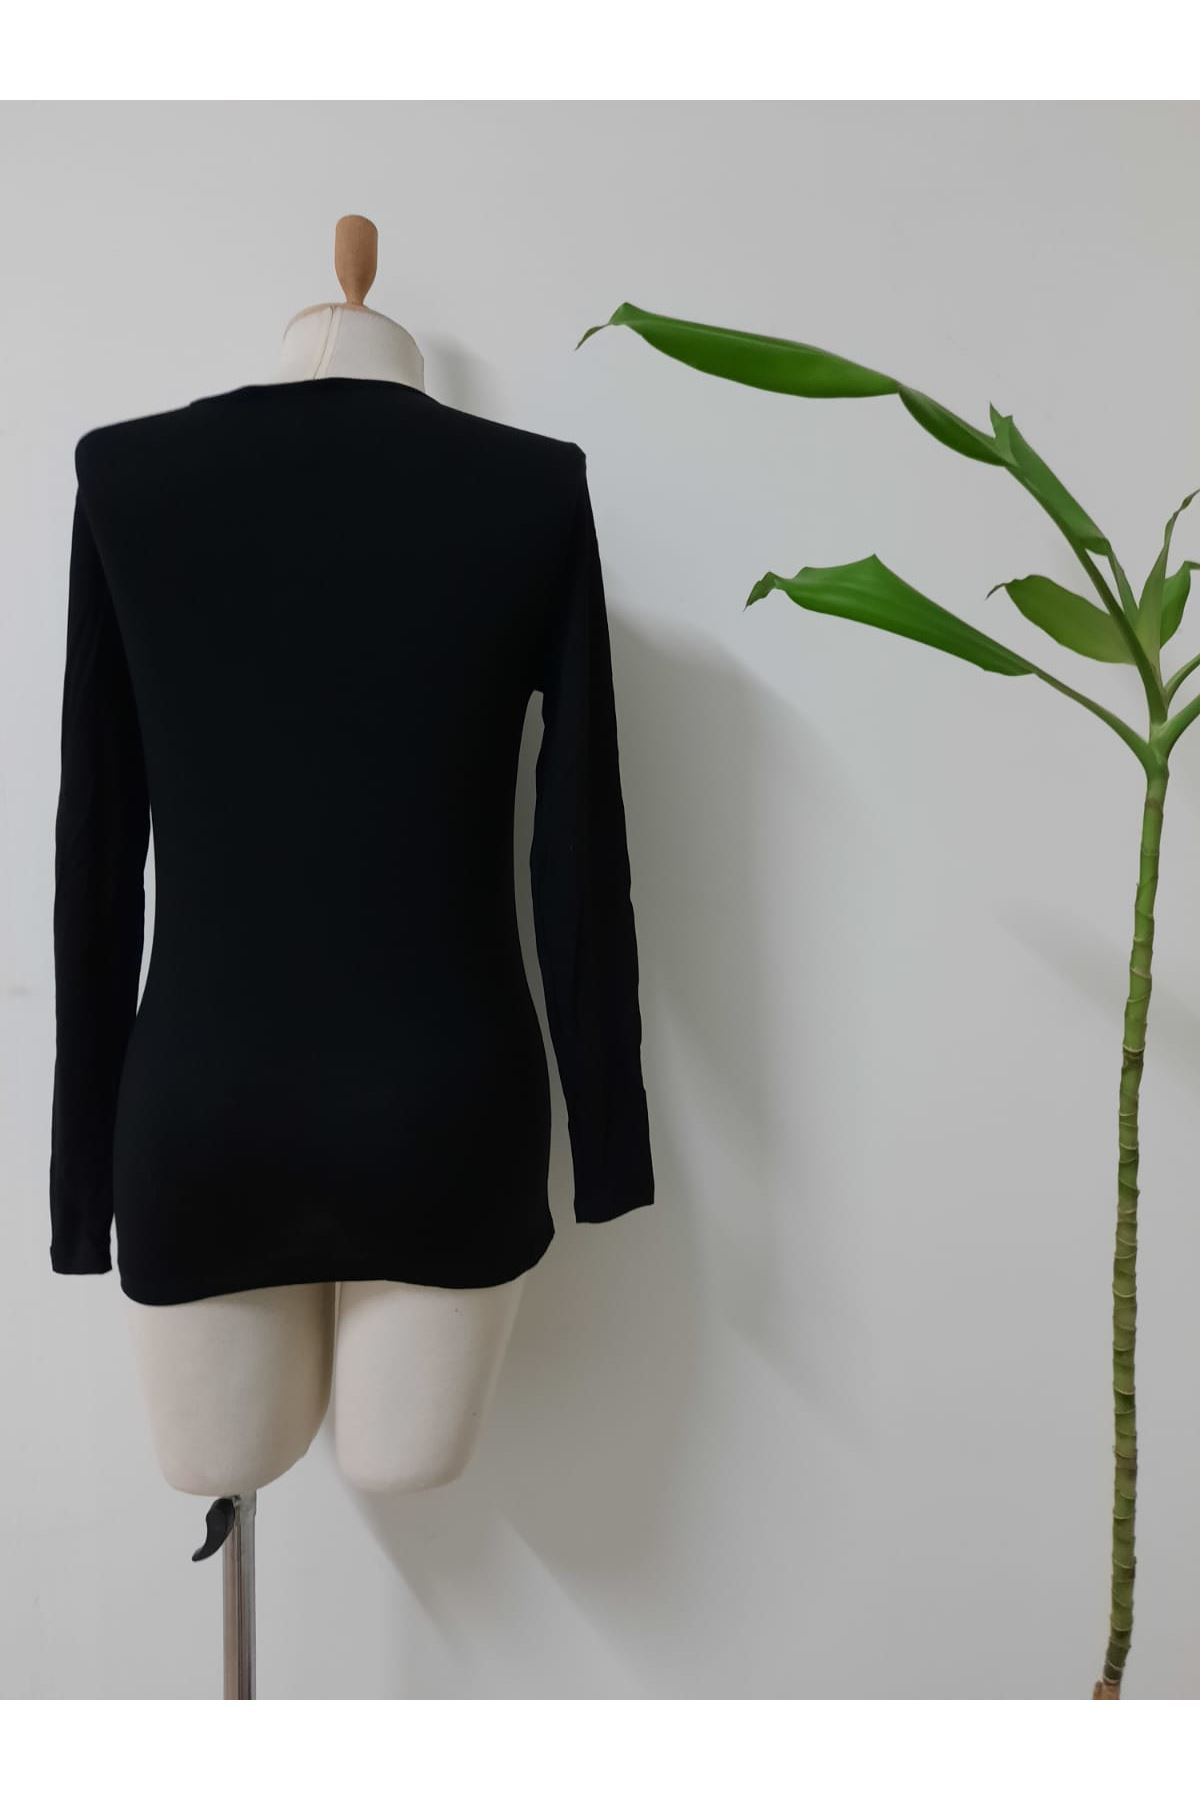 Önü Çapraz Detay Viscon Bluz - siyah